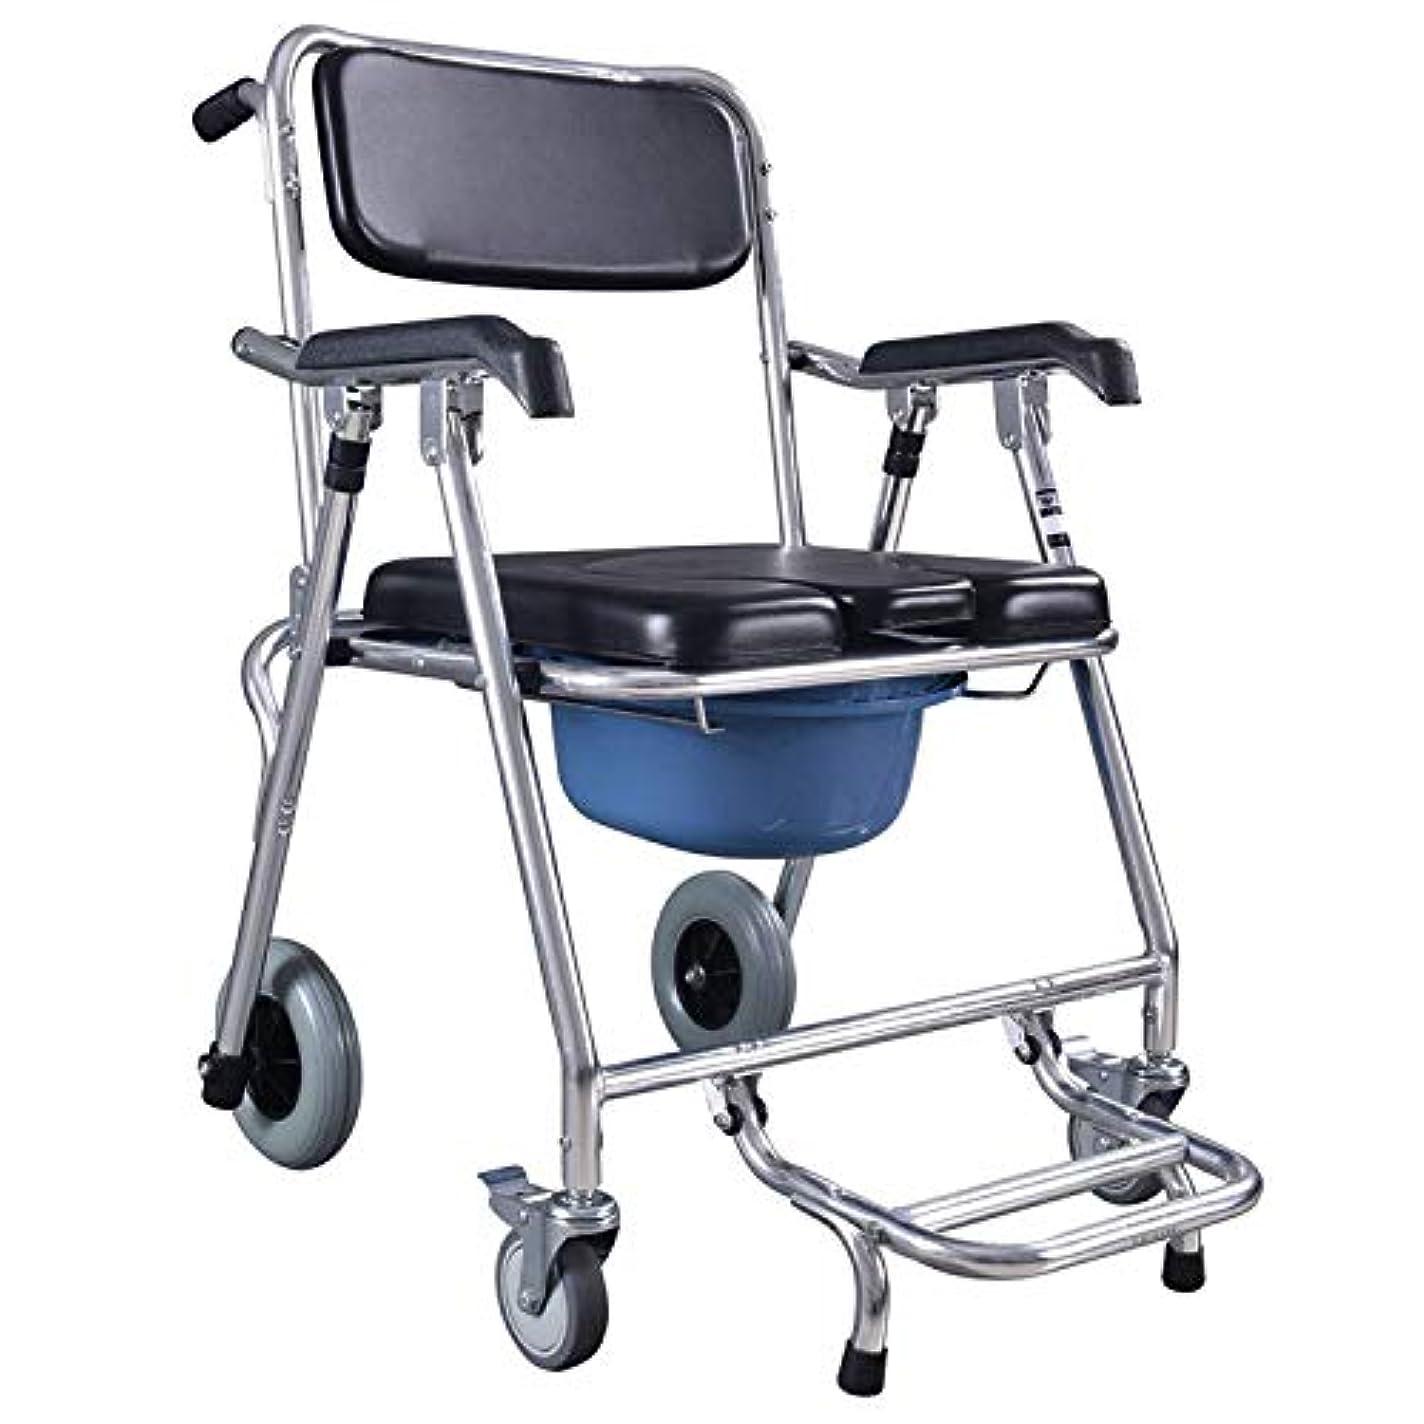 マイコン不可能なコットン老人車輪付き便器/トイレ椅子、パッド入りシートと背もたれ車椅子バスチェア付きブレーキ付きトイレシャワーチェア